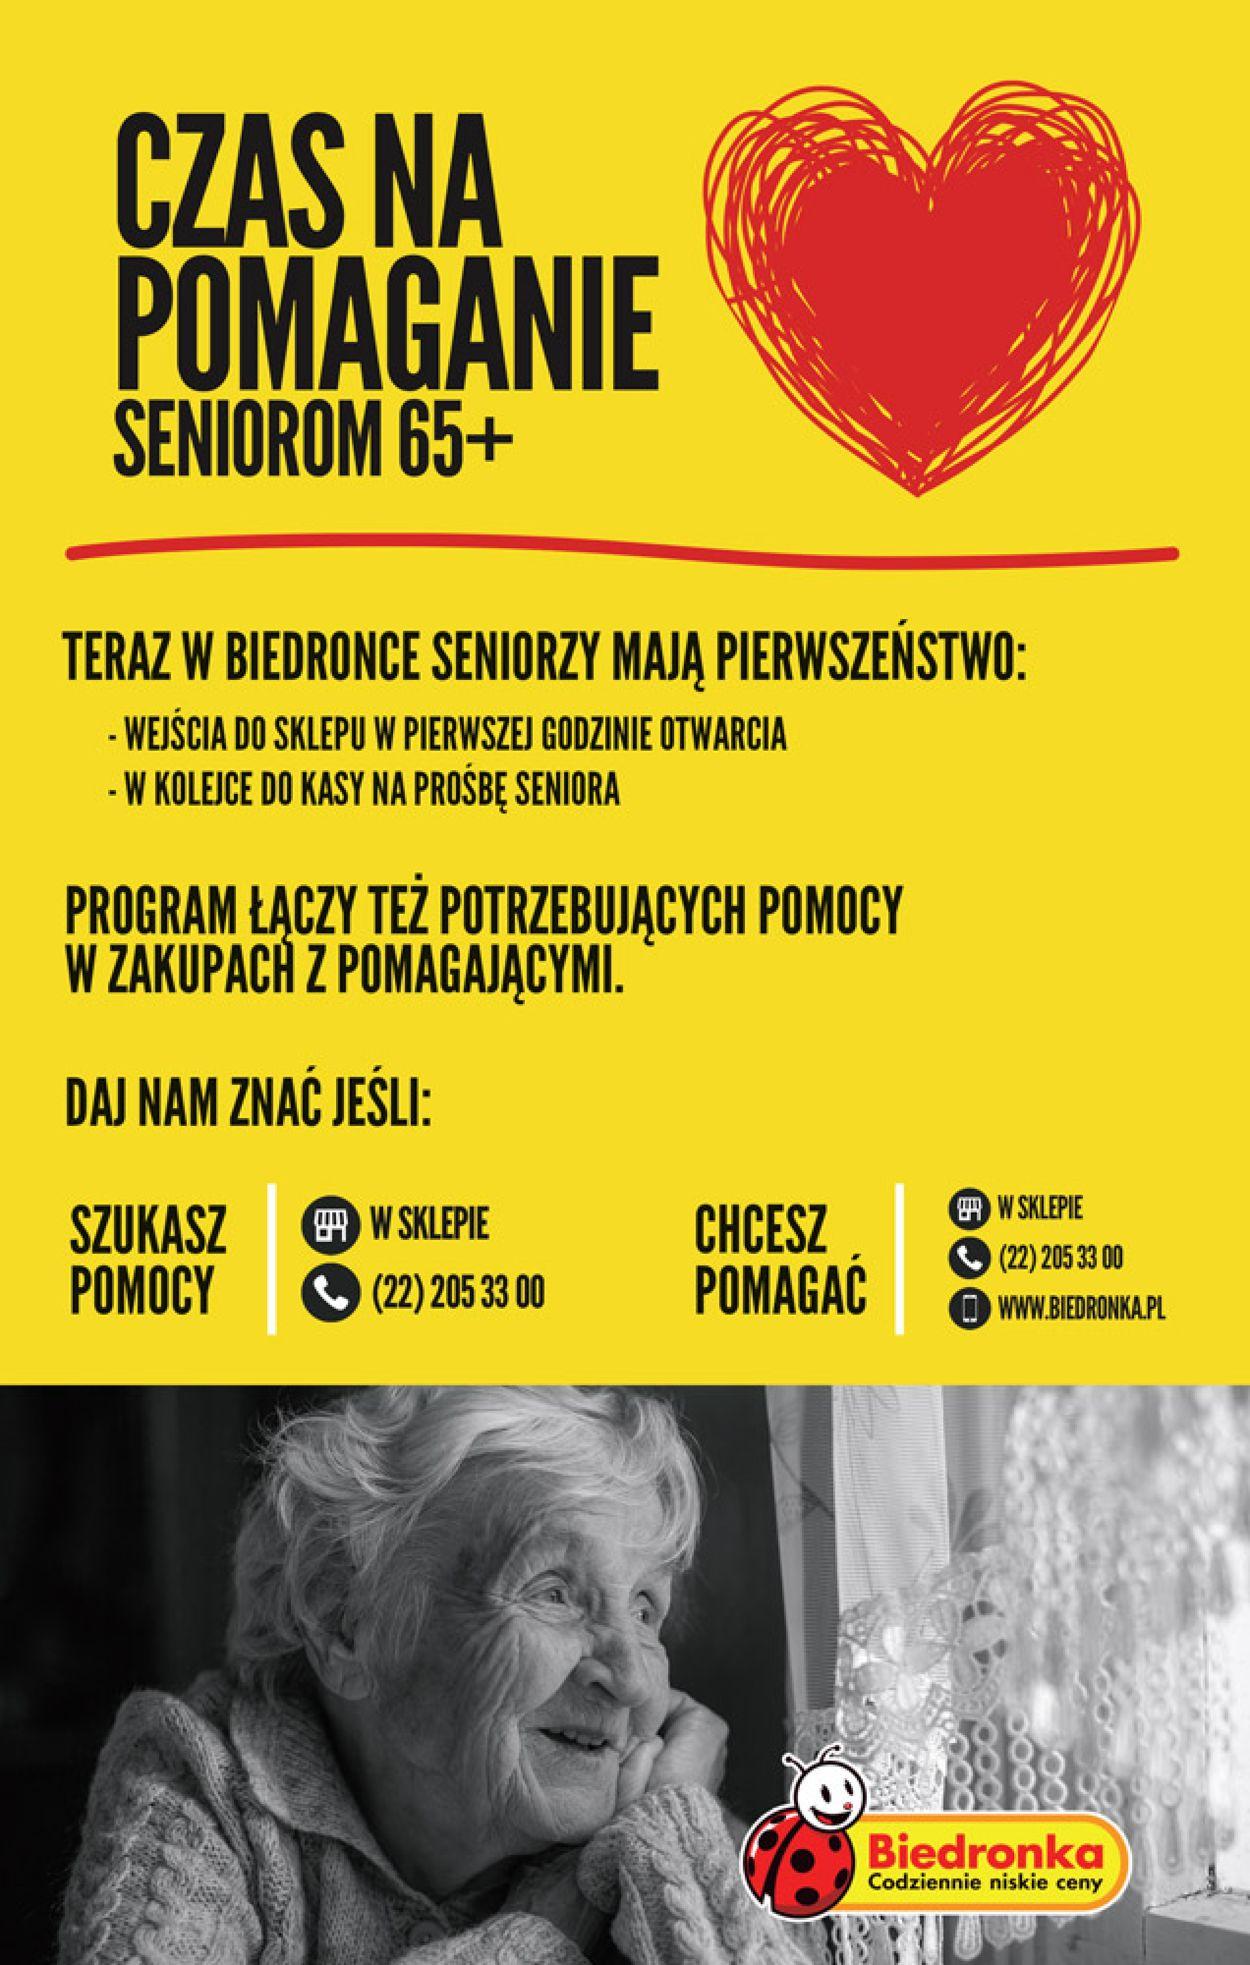 Gazetka promocyjna Biedronka - 26.03-01.04.2020 (Strona 64)